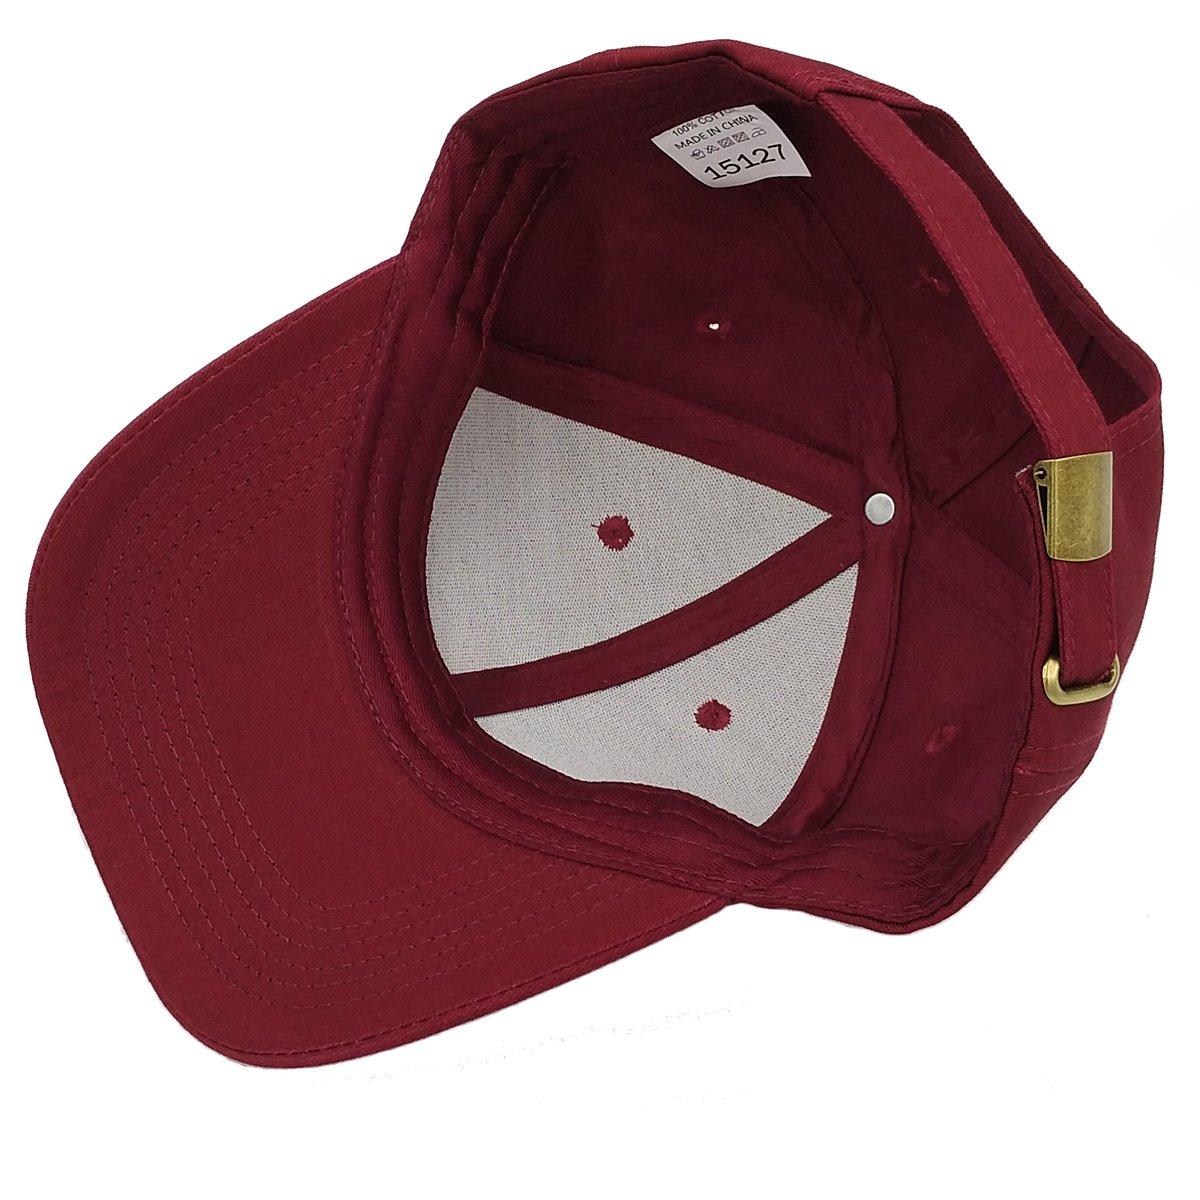 KeepSa Baumwolle Baseball Cap, Basecap Unisex Baseball Kappen, Baseball  Mützen für Draussen, Sport 863df36452